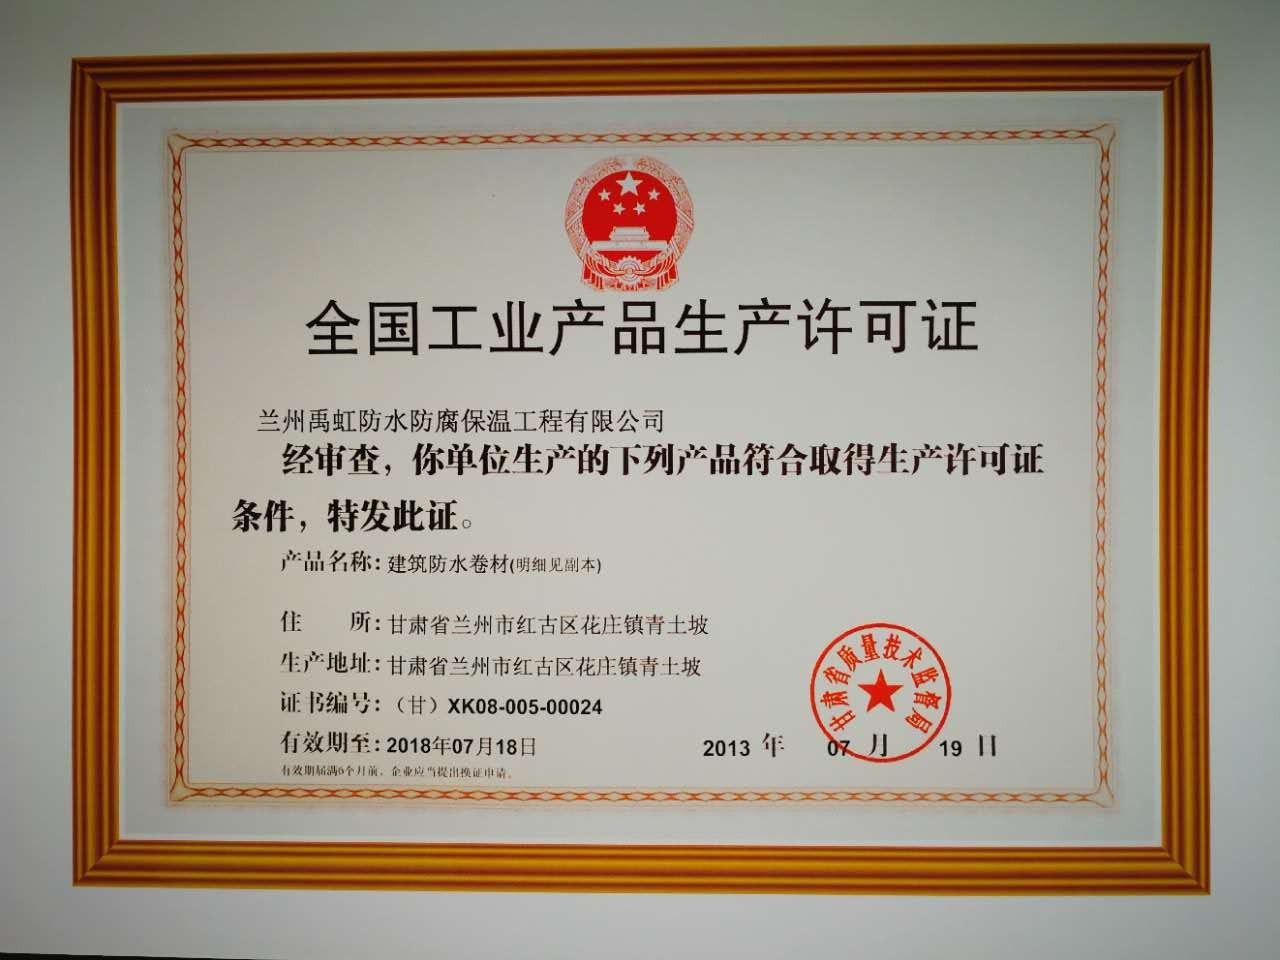 企业工业产品生产许可证.jpg